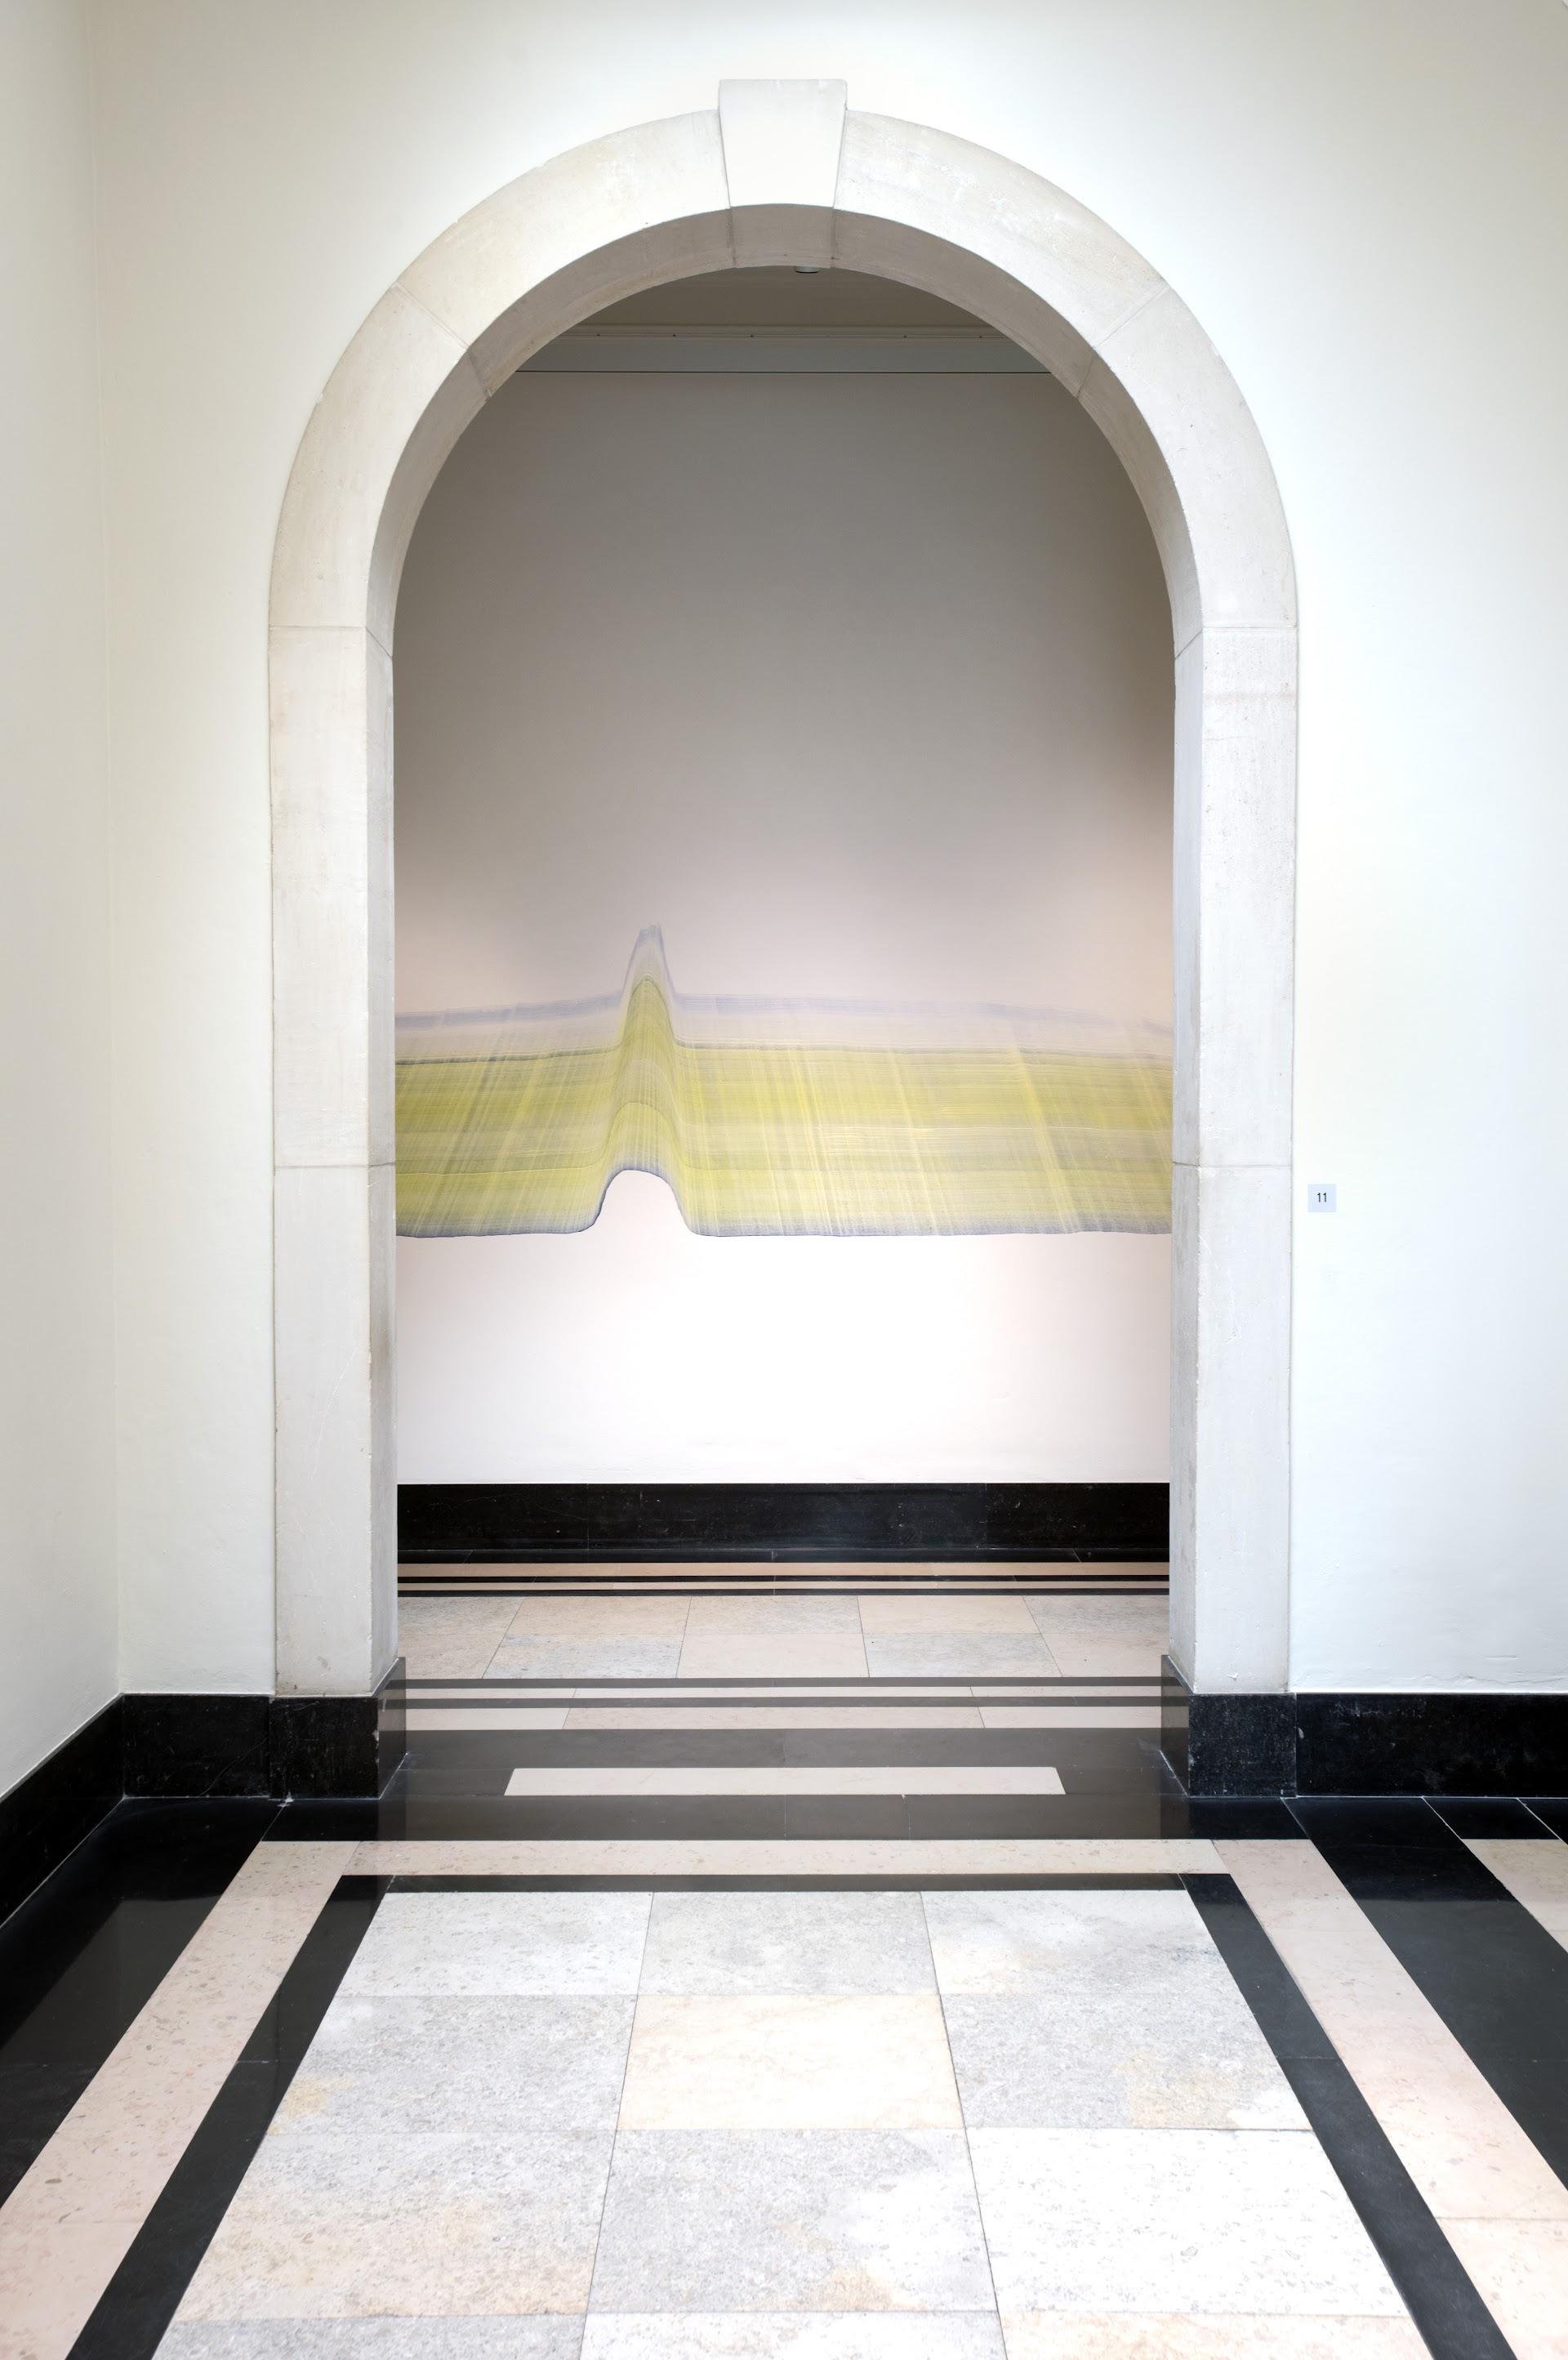 Muurschildering zonder titel, Romee van Oers, 2020